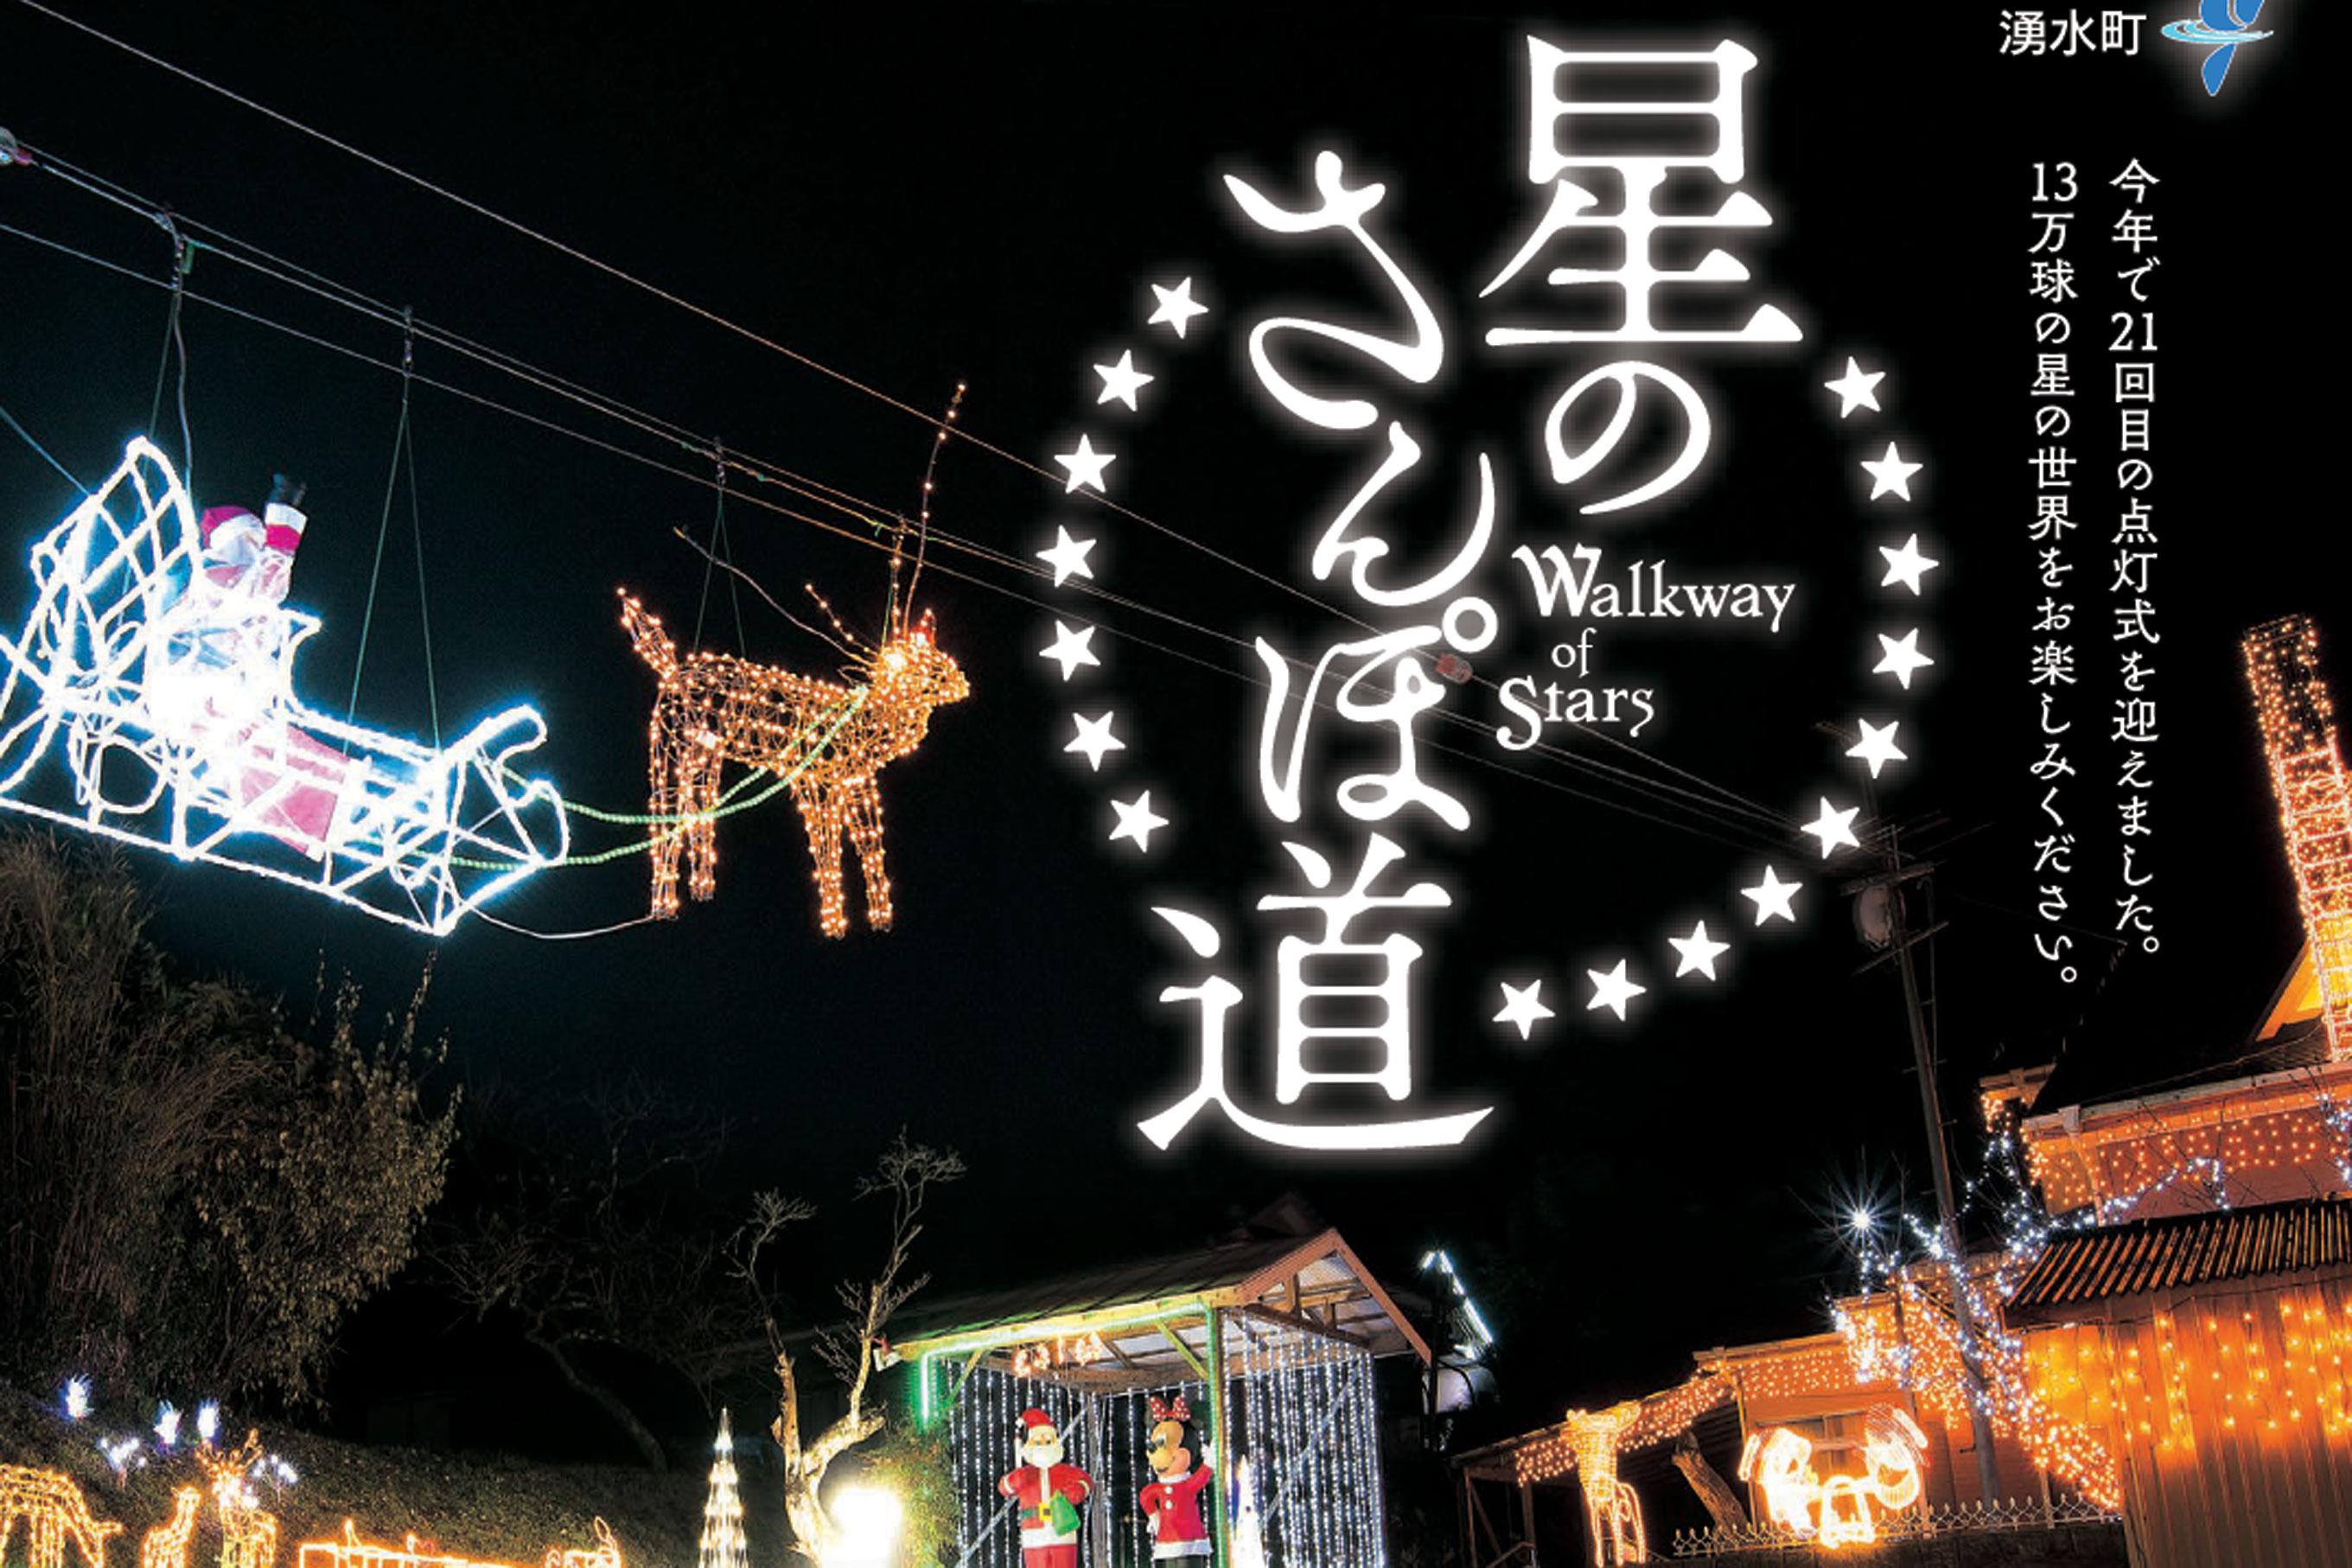 素敵なイルミネーション、湧水町にて12月2日、スタート☆